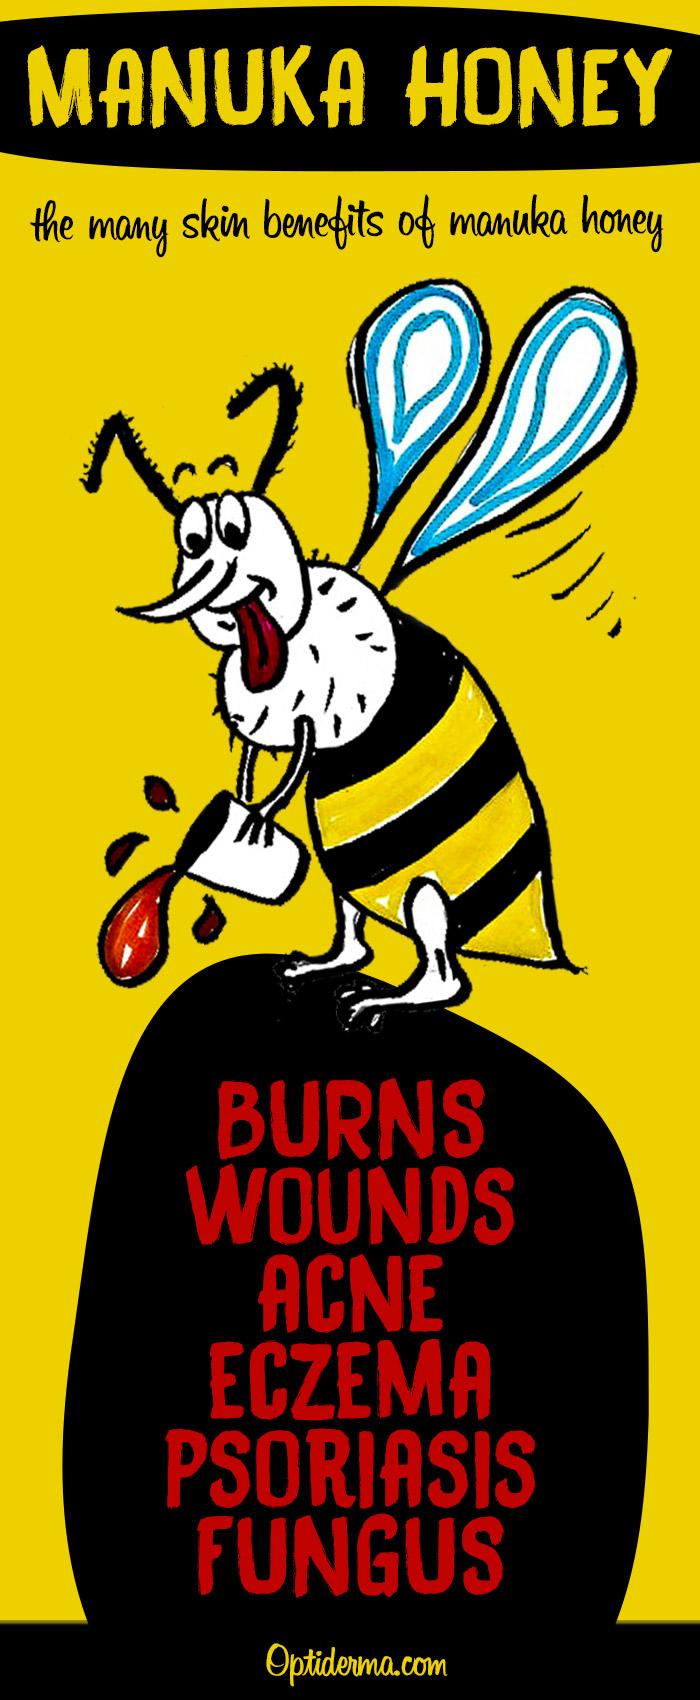 Manuka Honey Has great Skin Benefits (wounds, burns, acne, eczema, psoriasis, fungus)